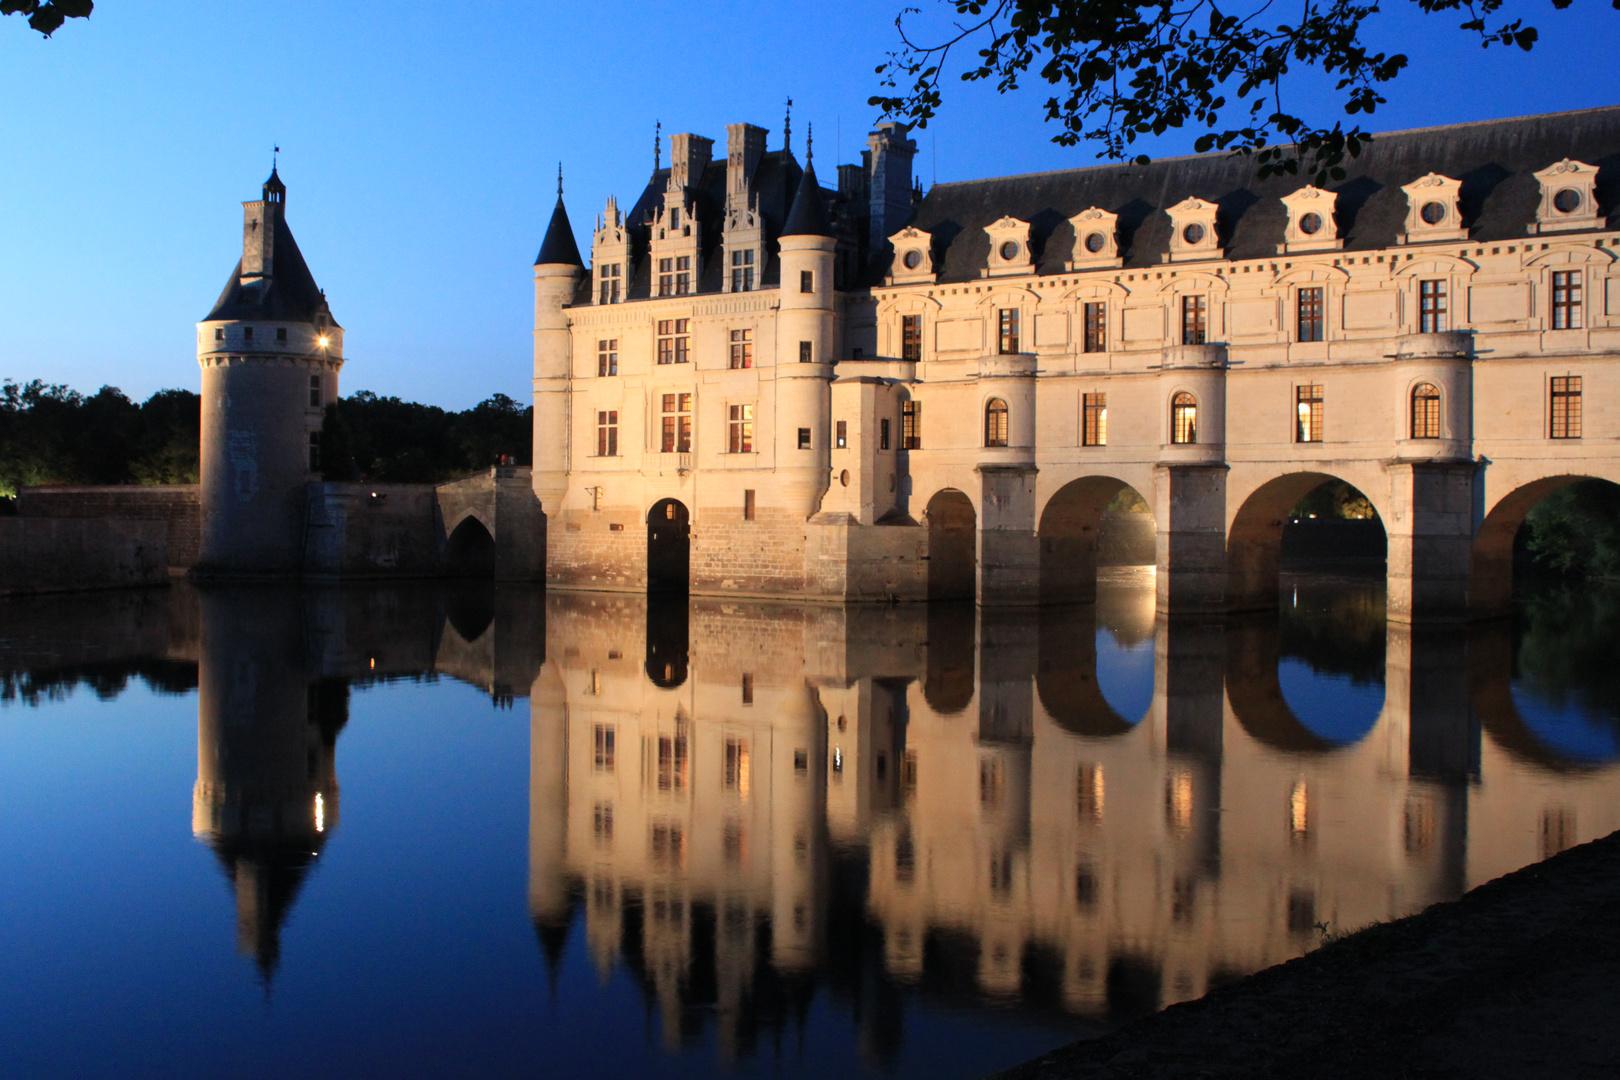 Dämmerung über Schloss Chenonceau